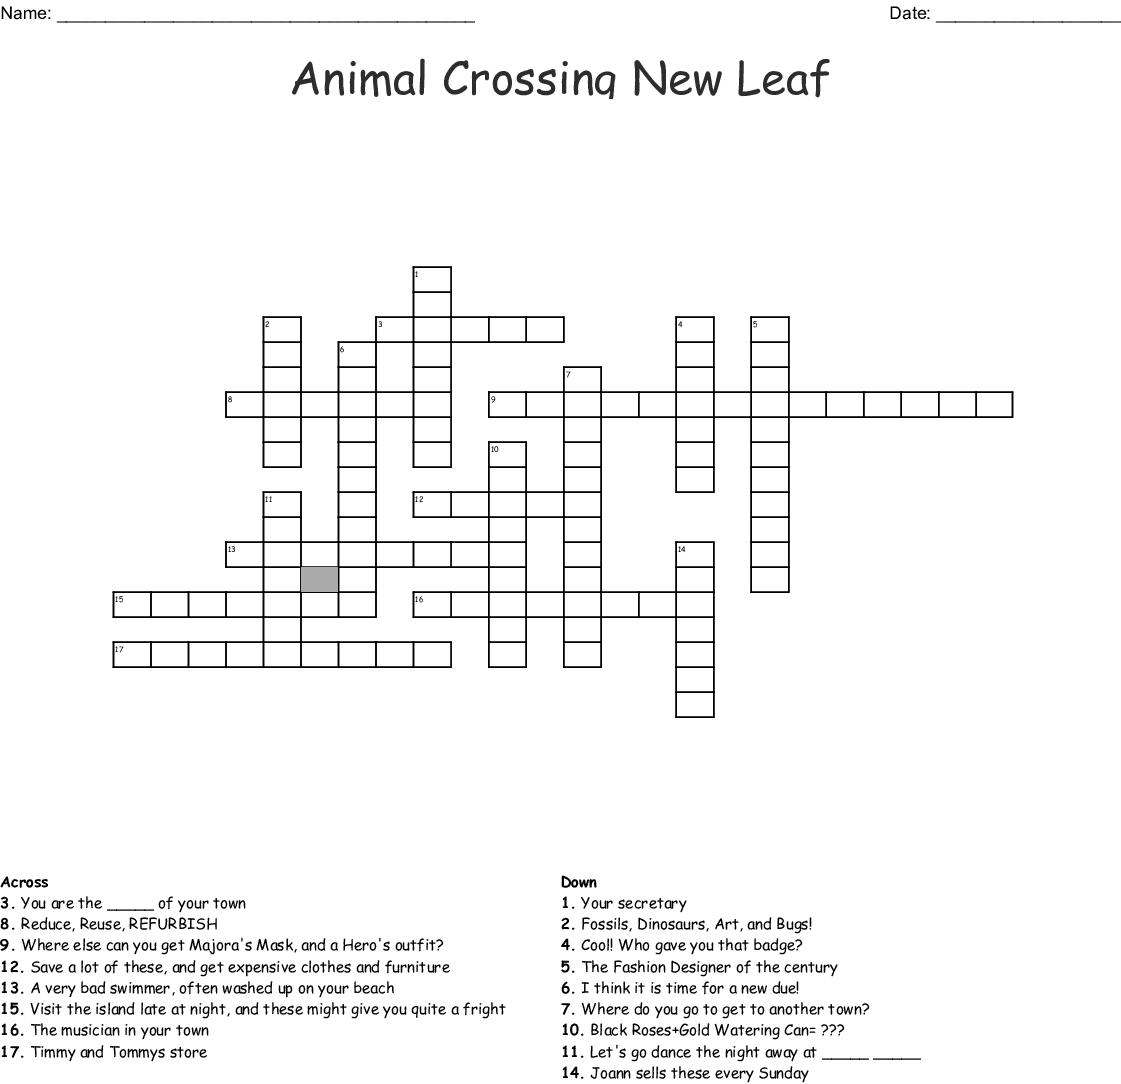 Animal Crossing New Leaf Crossword Wordmint